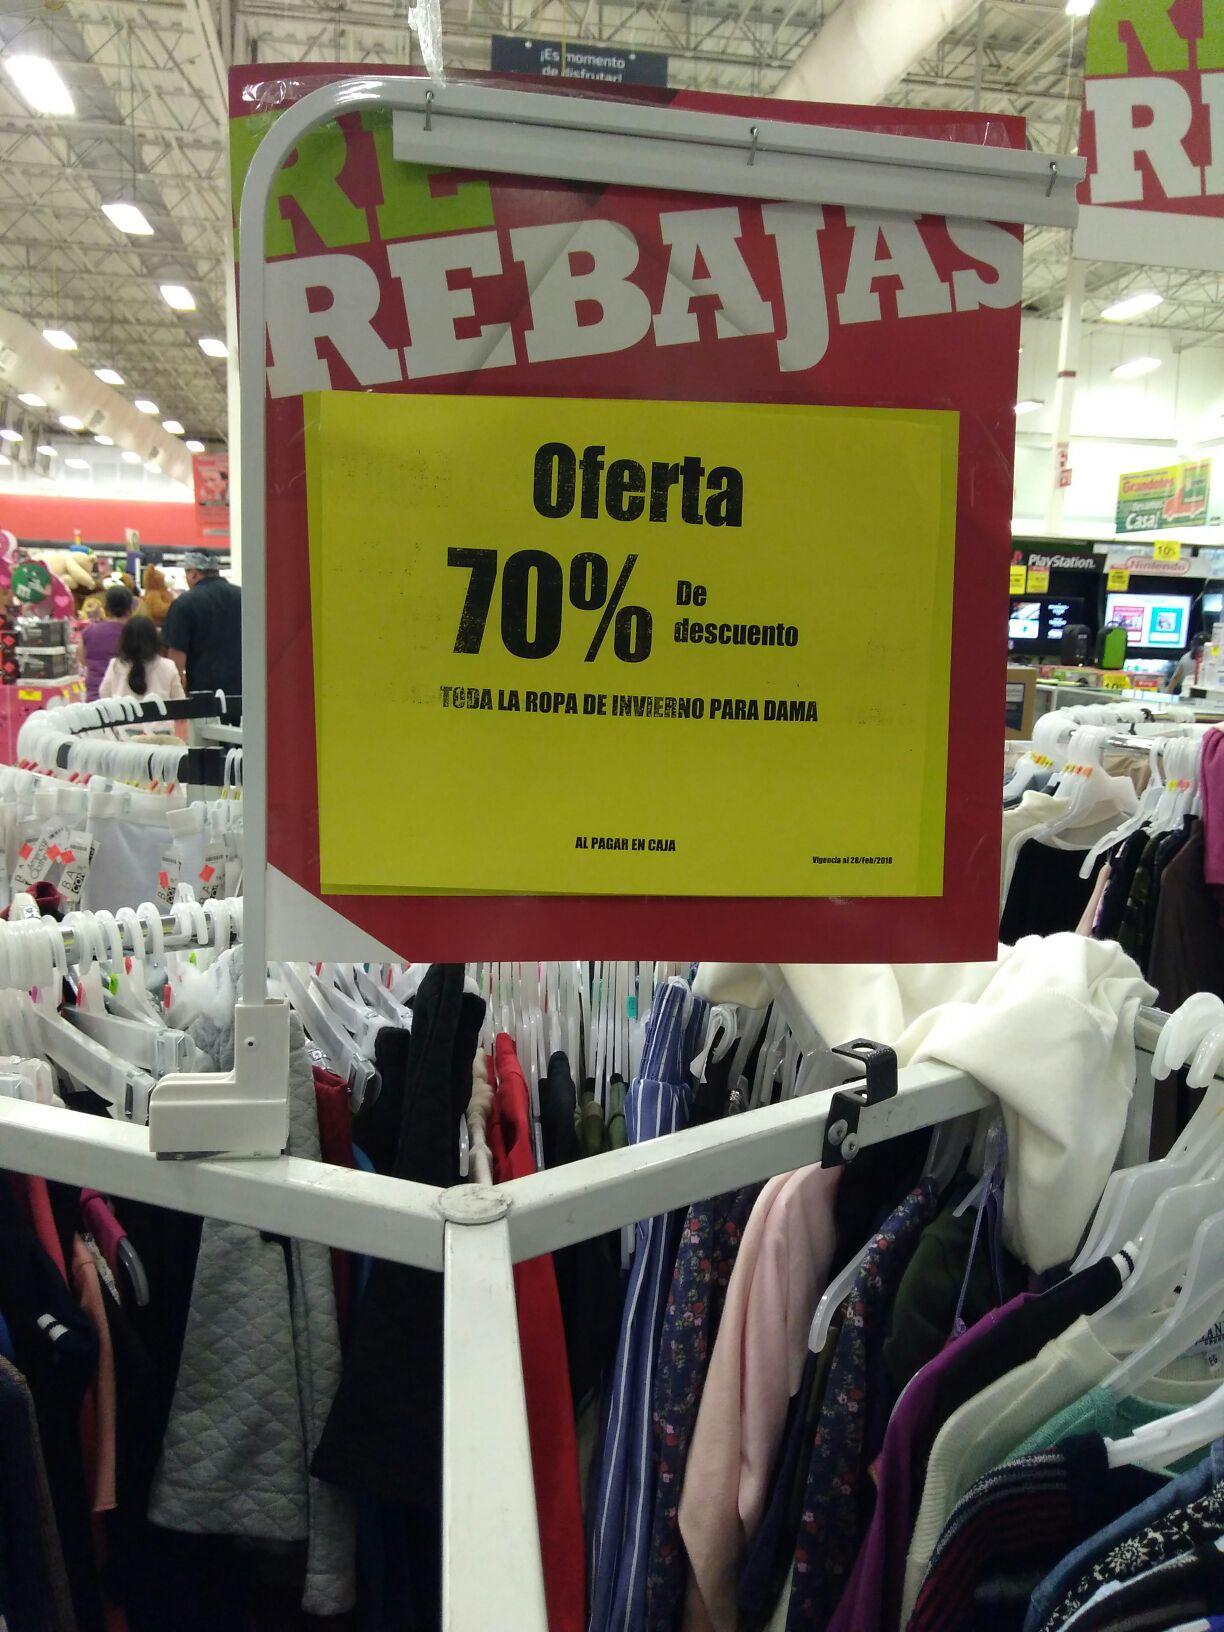 Soriana: 70% de descuento en ropa para dama de invierno